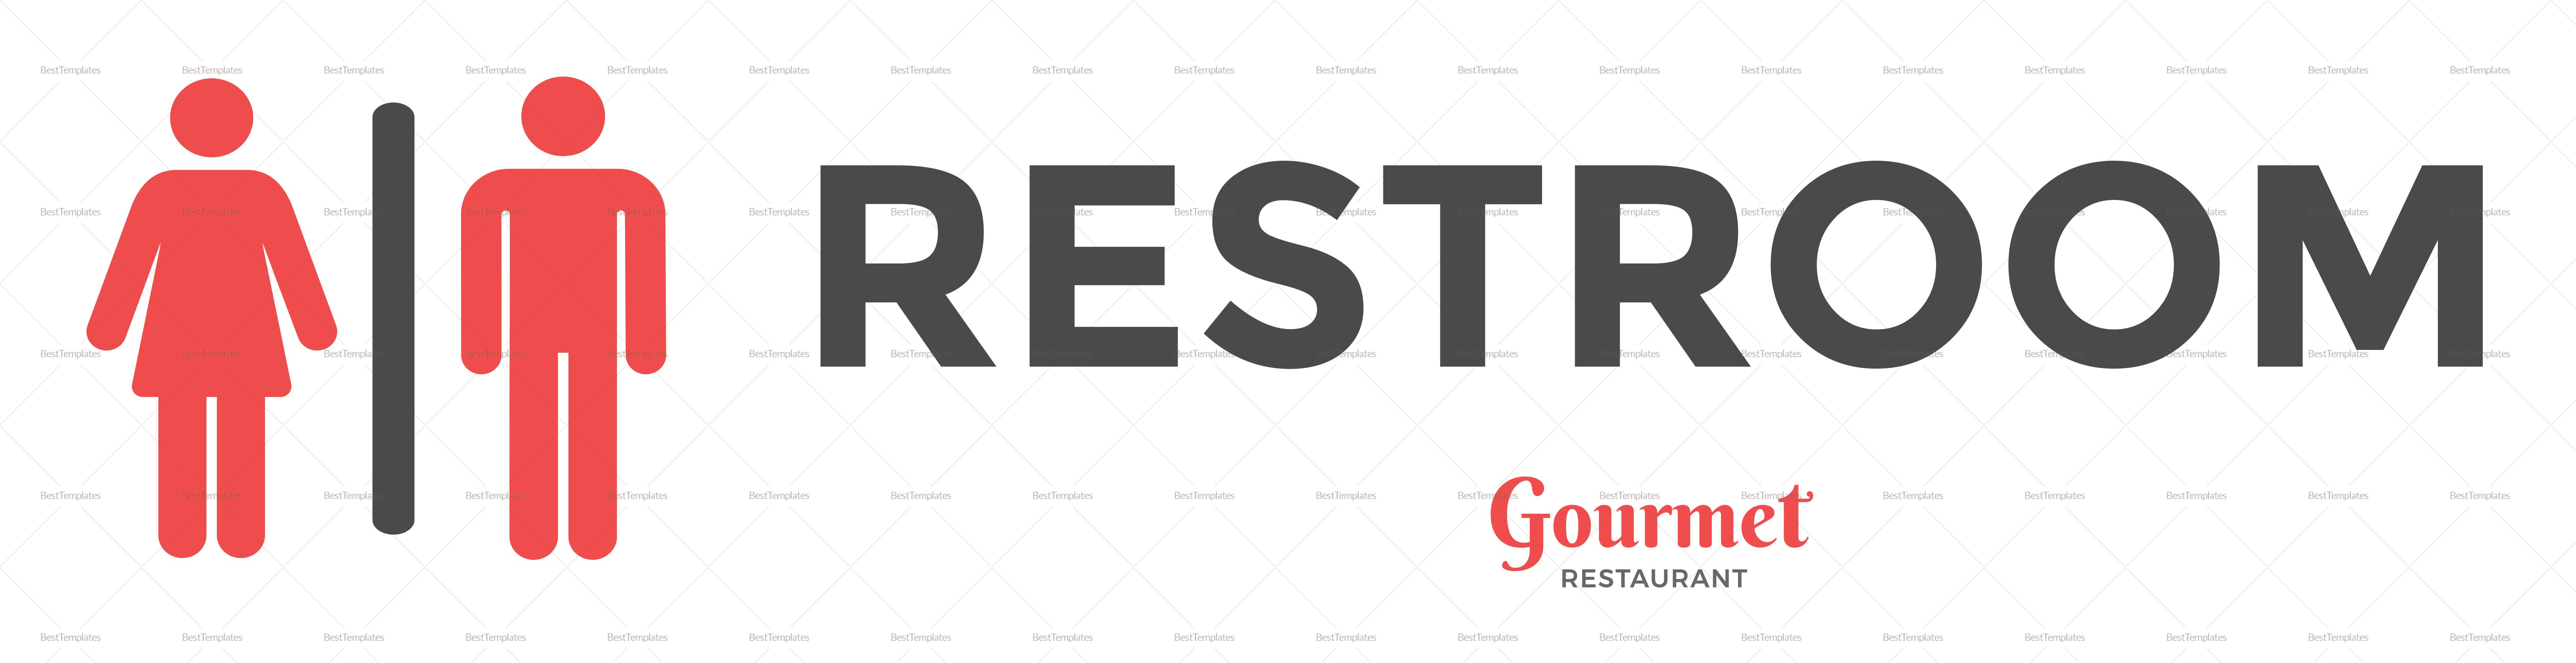 Sample Restaurant Restroom Sign Template